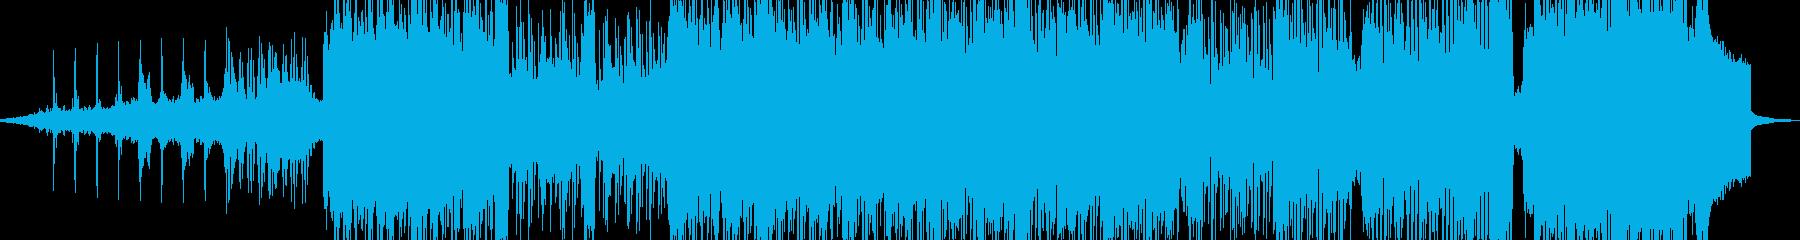 後戻り出来ない恐怖シーンのビッグビートの再生済みの波形